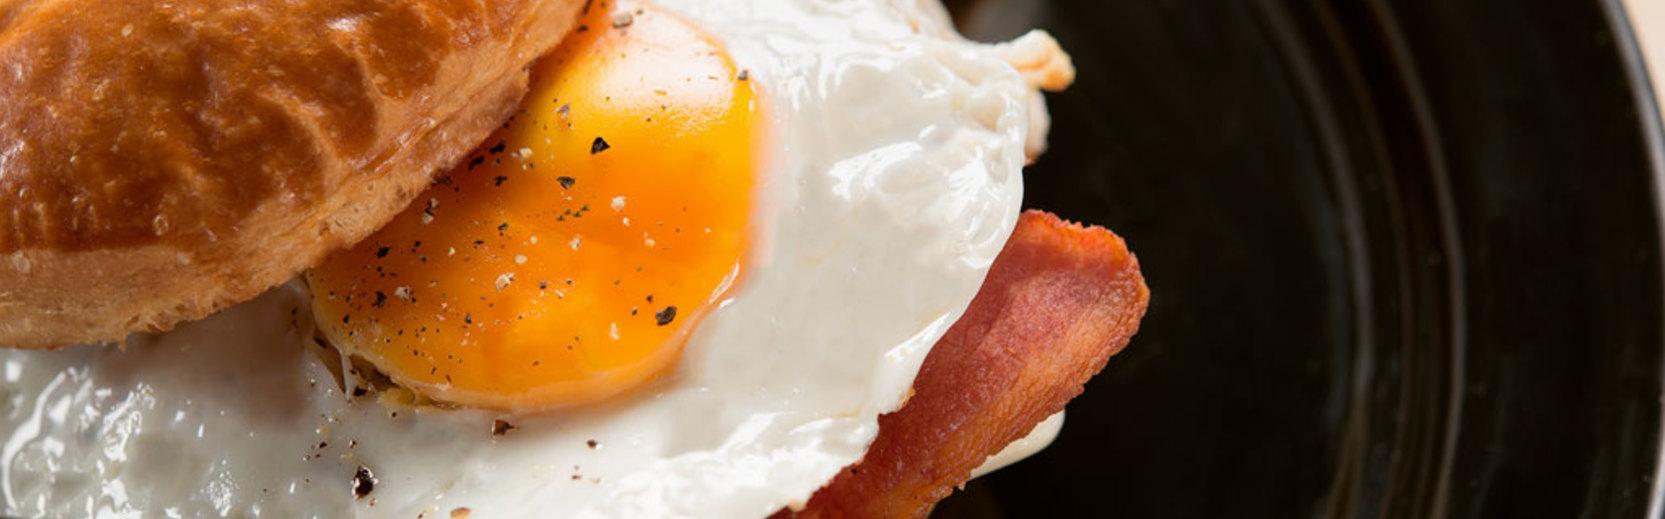 Desktop desayuno monterrey 1 the sandwich 1